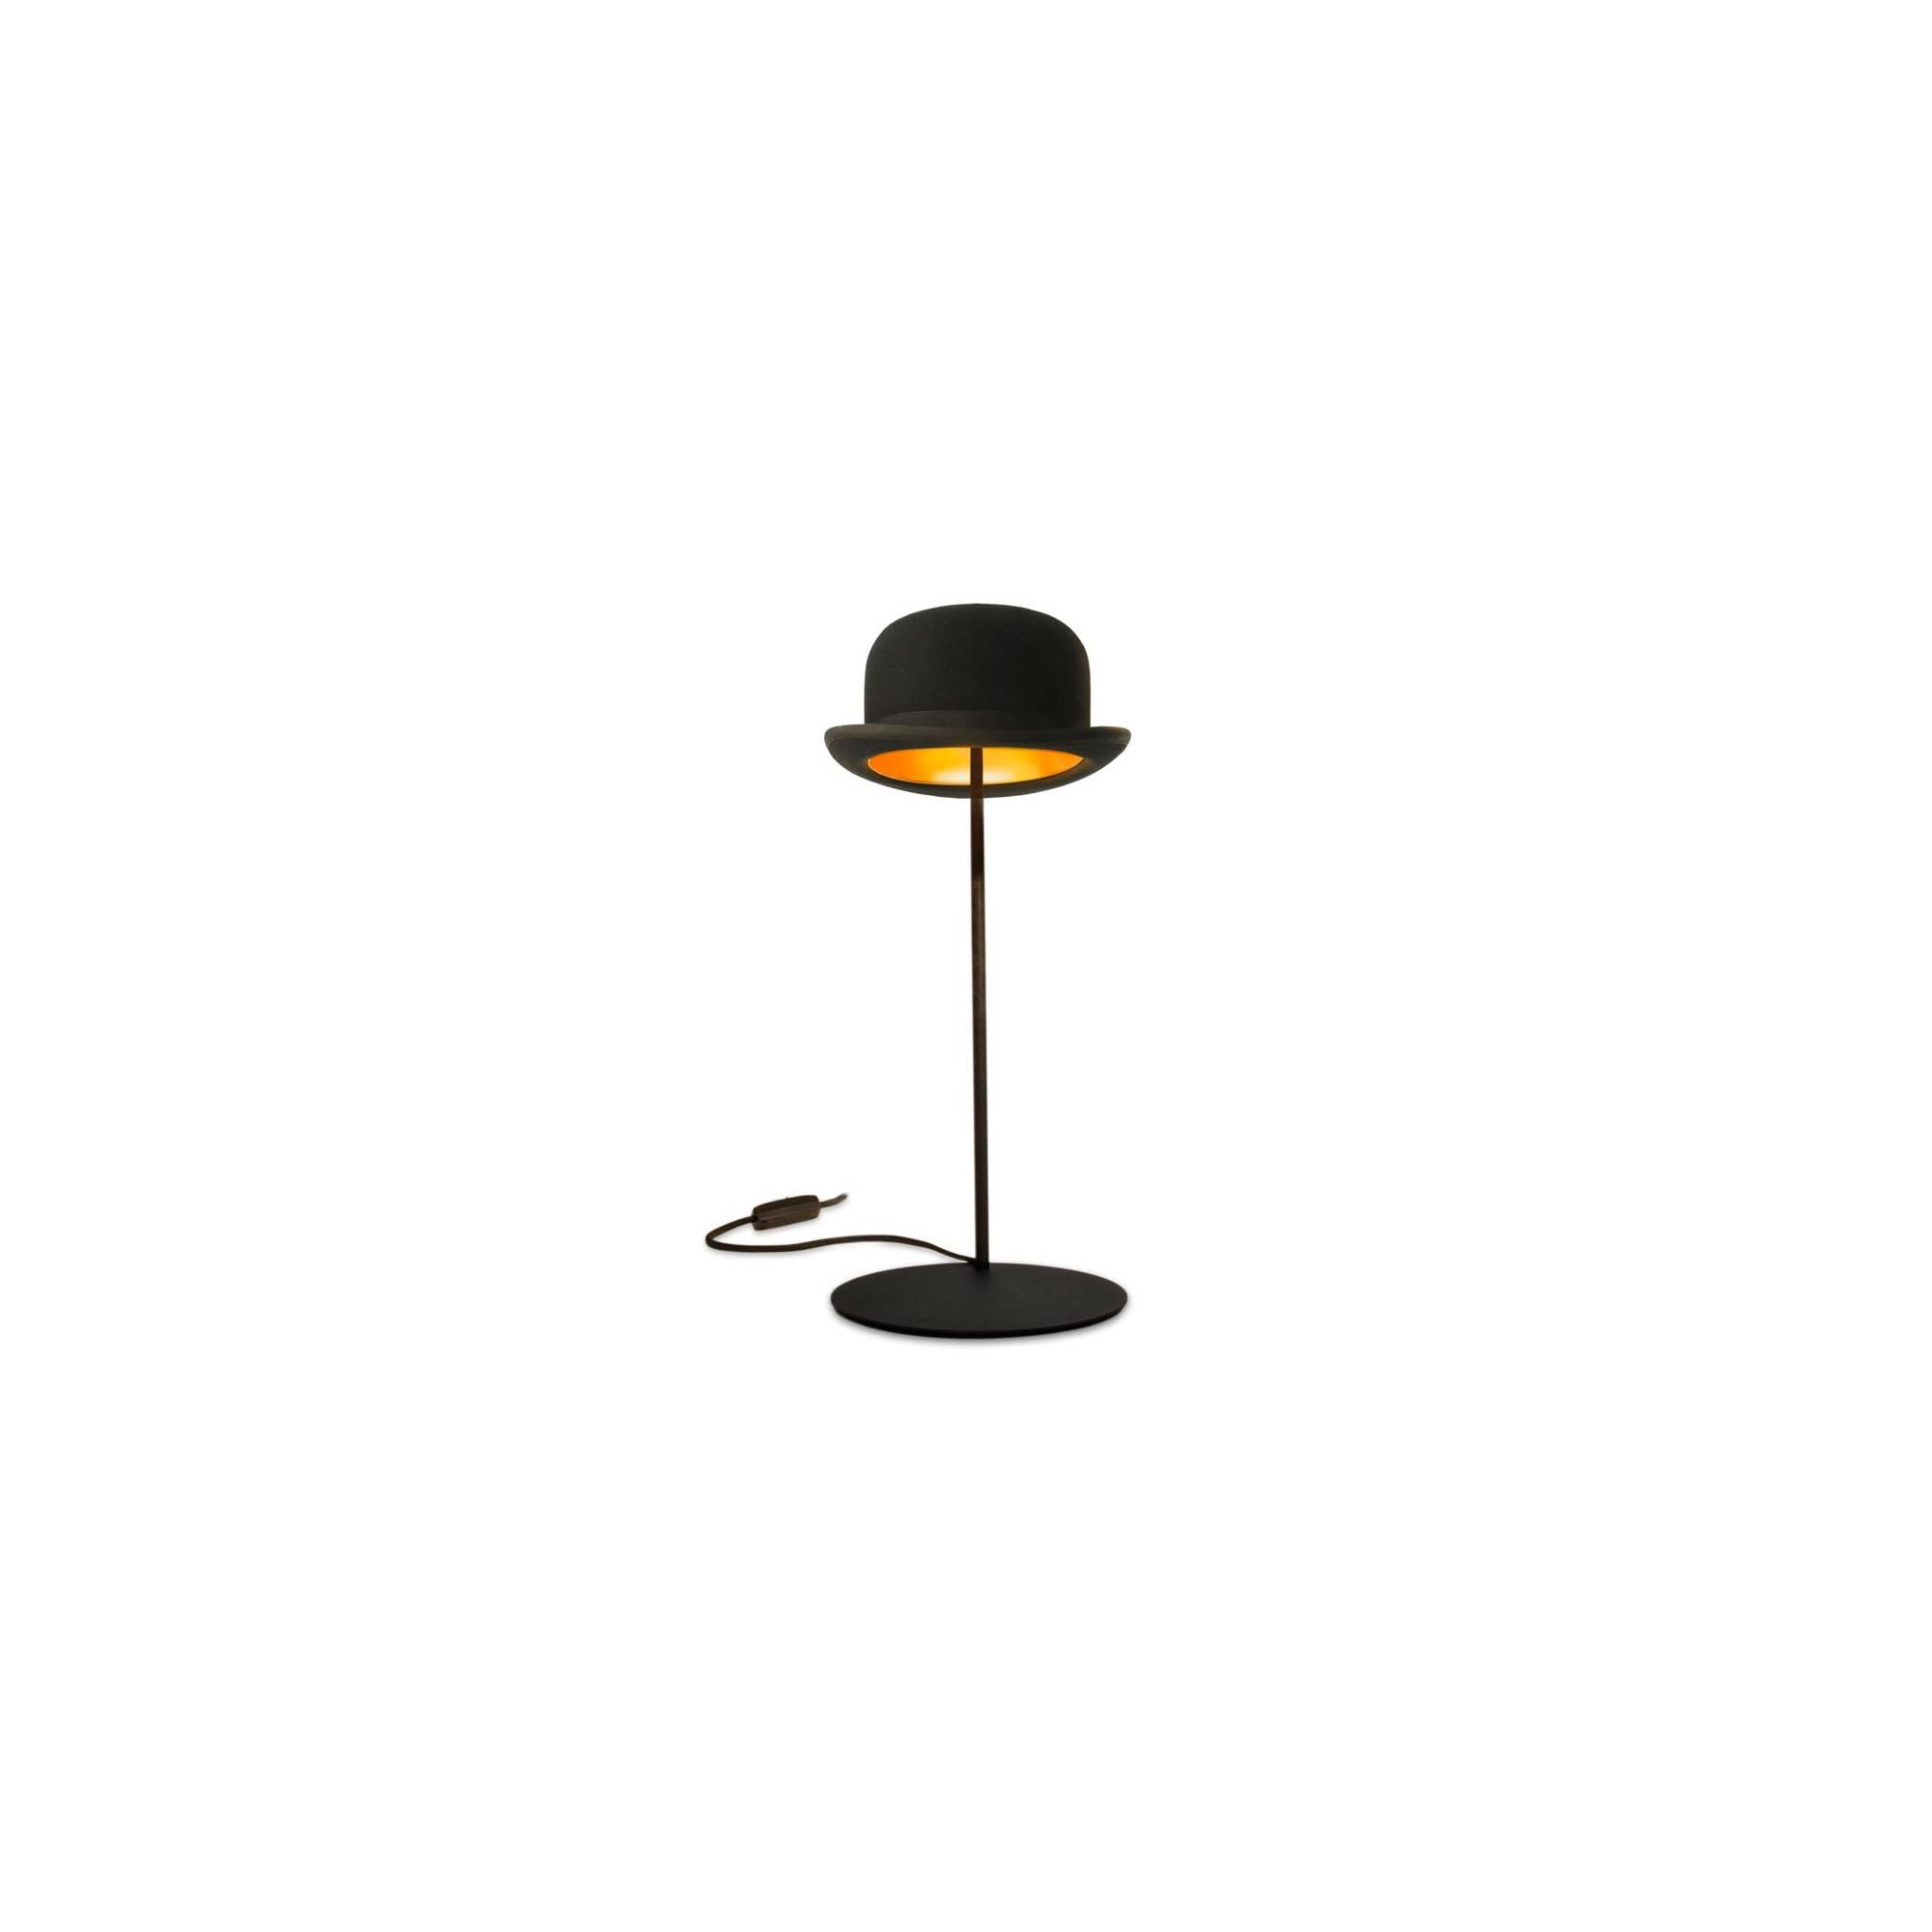 lampe poser en forme de chapeau melon par innermost. Black Bedroom Furniture Sets. Home Design Ideas